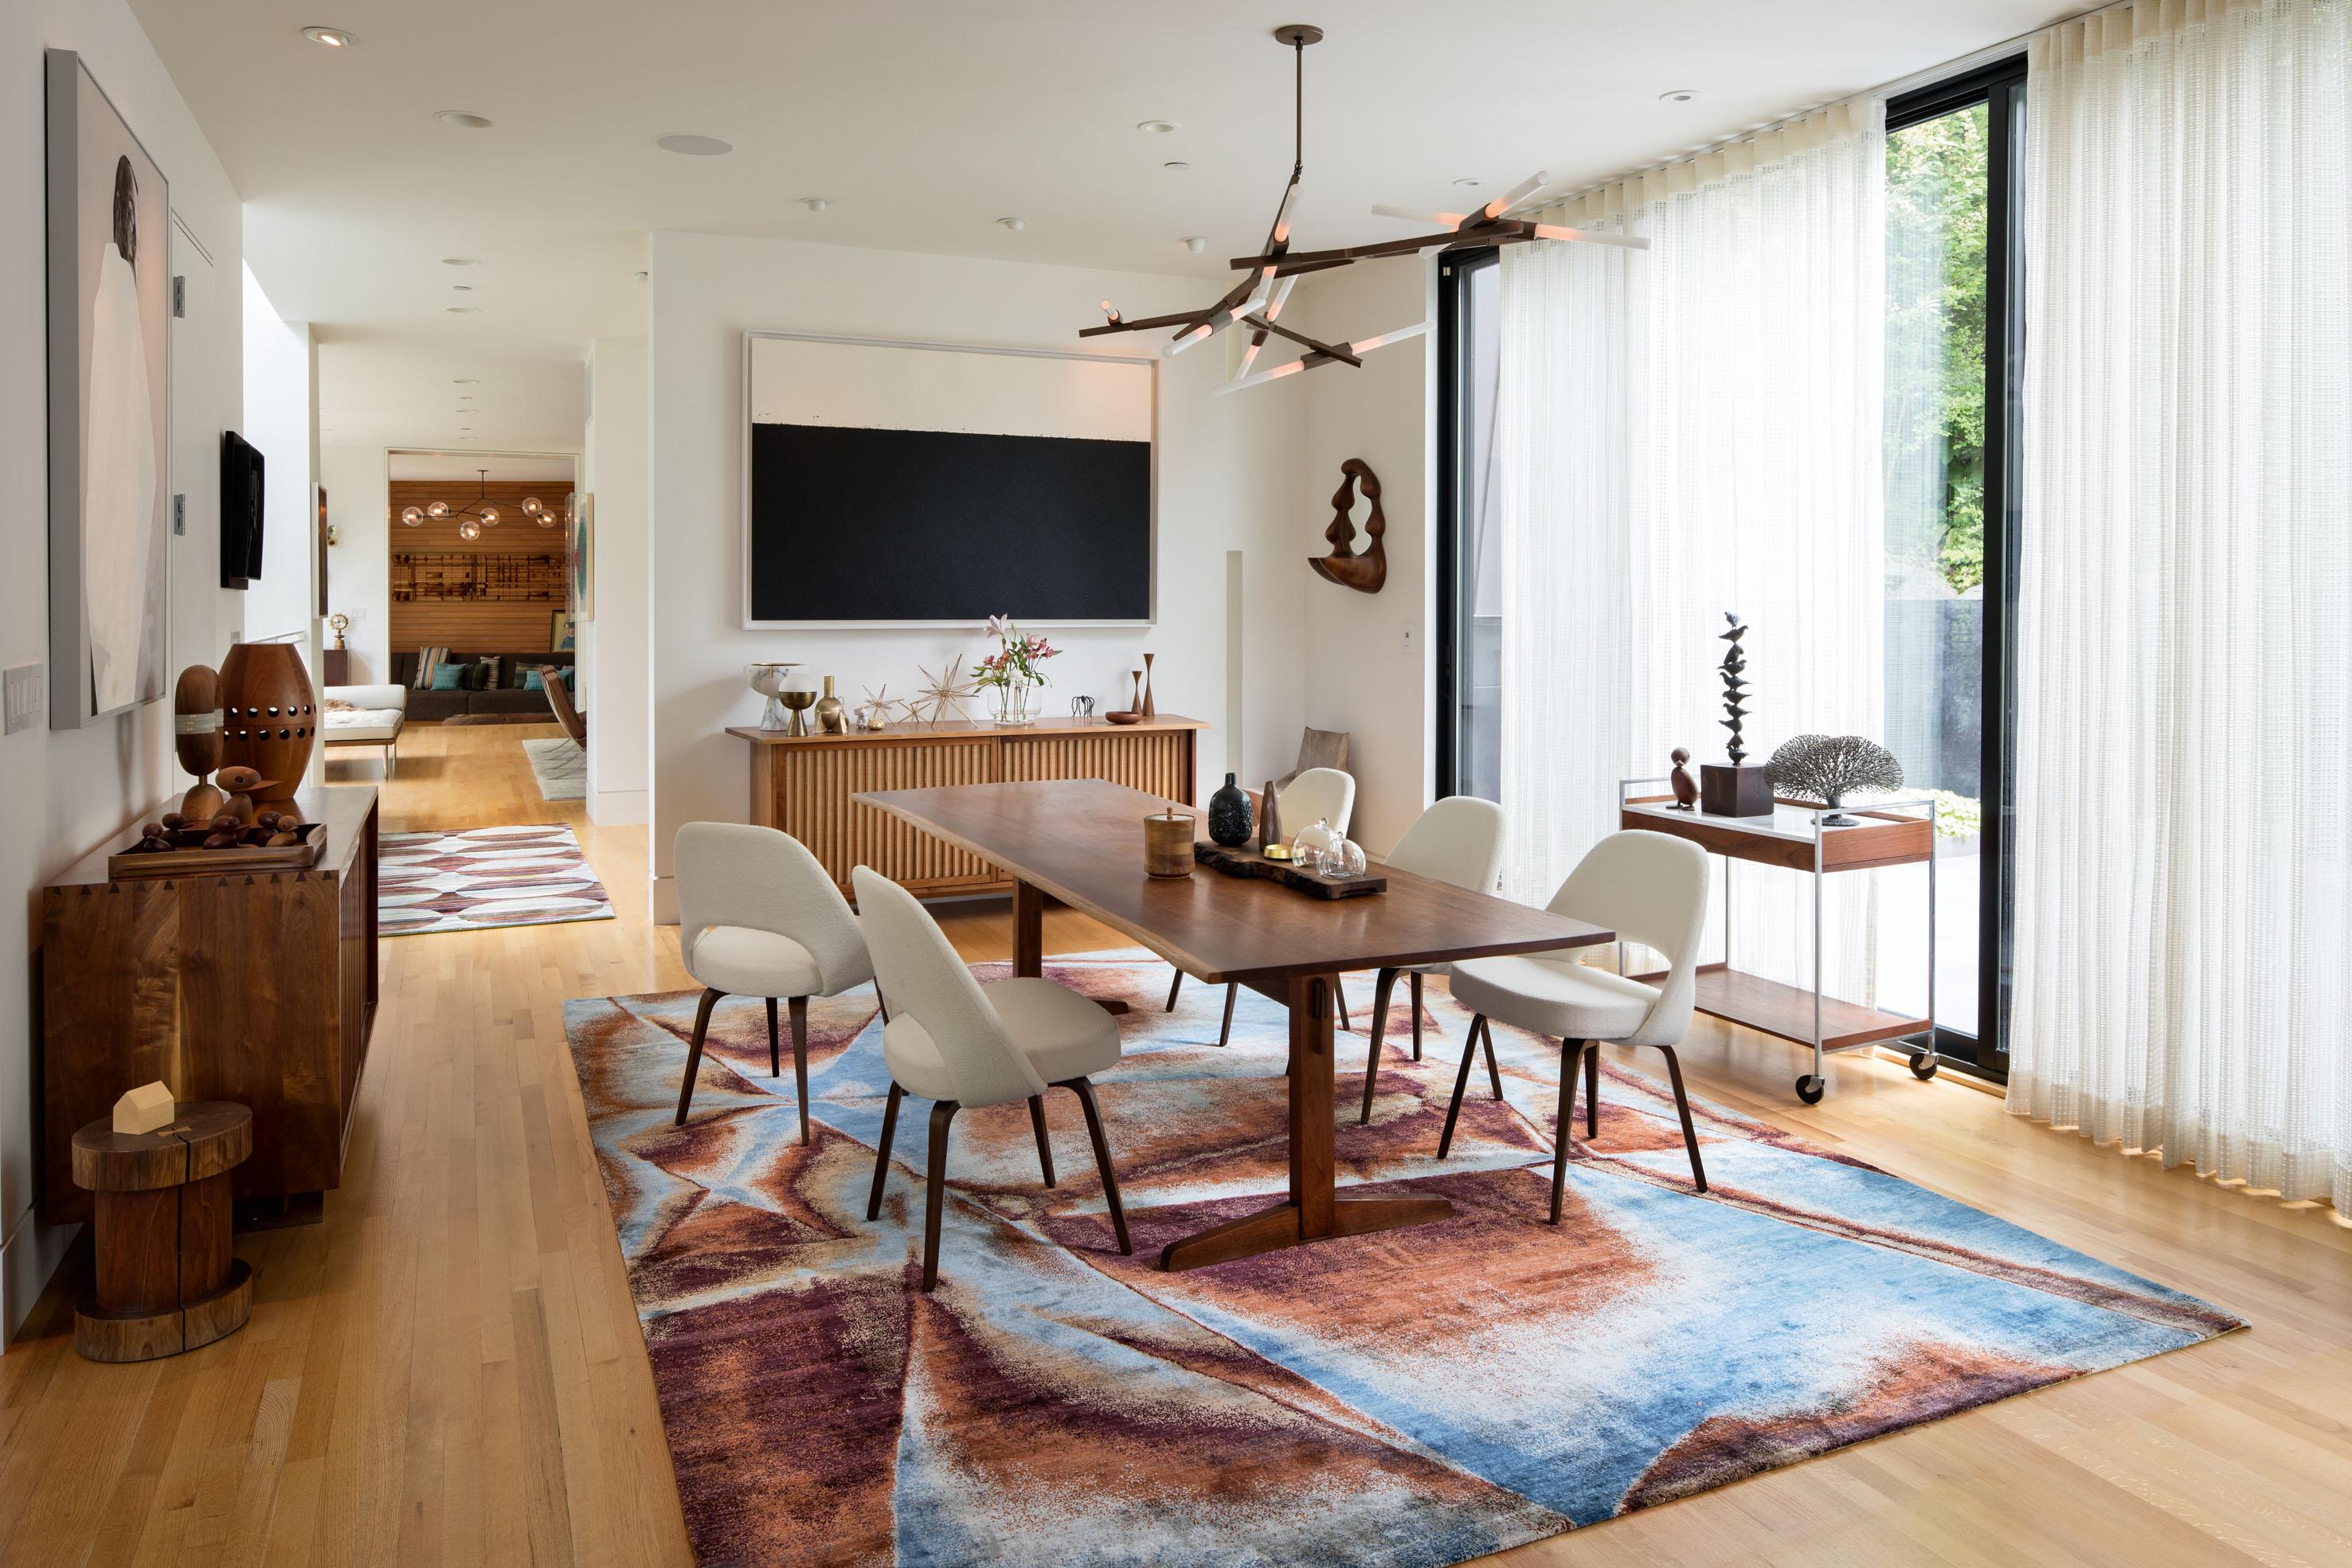 Rug Star Carpet - dizajner: Christine Millinger, postavka u Portlandu